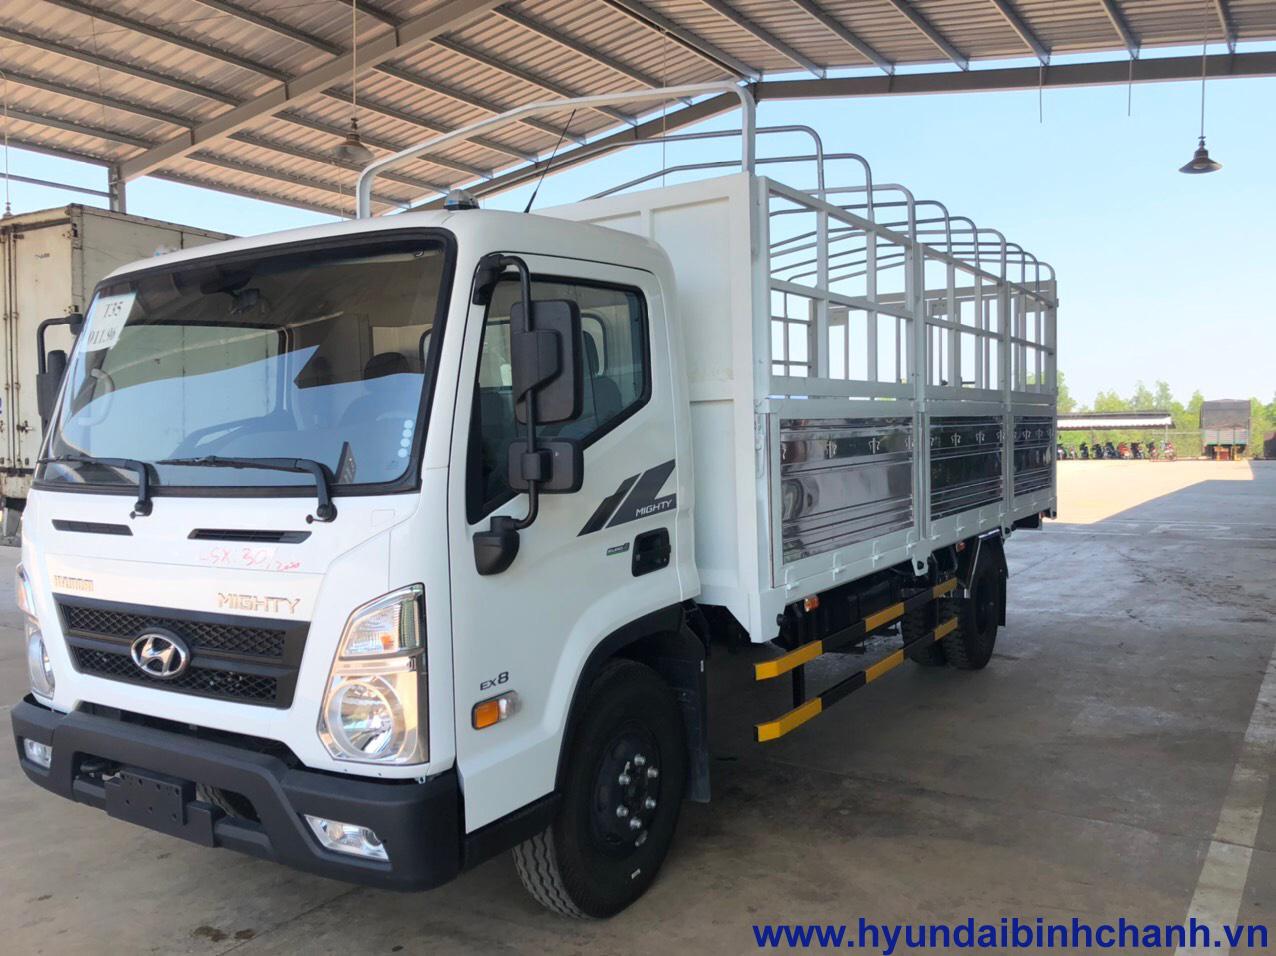 hyundai-mighty-ex8 Hyundai EX8 7.5 tấn 2020 thùng dài 5.7 mét hoàn toàn mới | Hyundai Phú Lâm